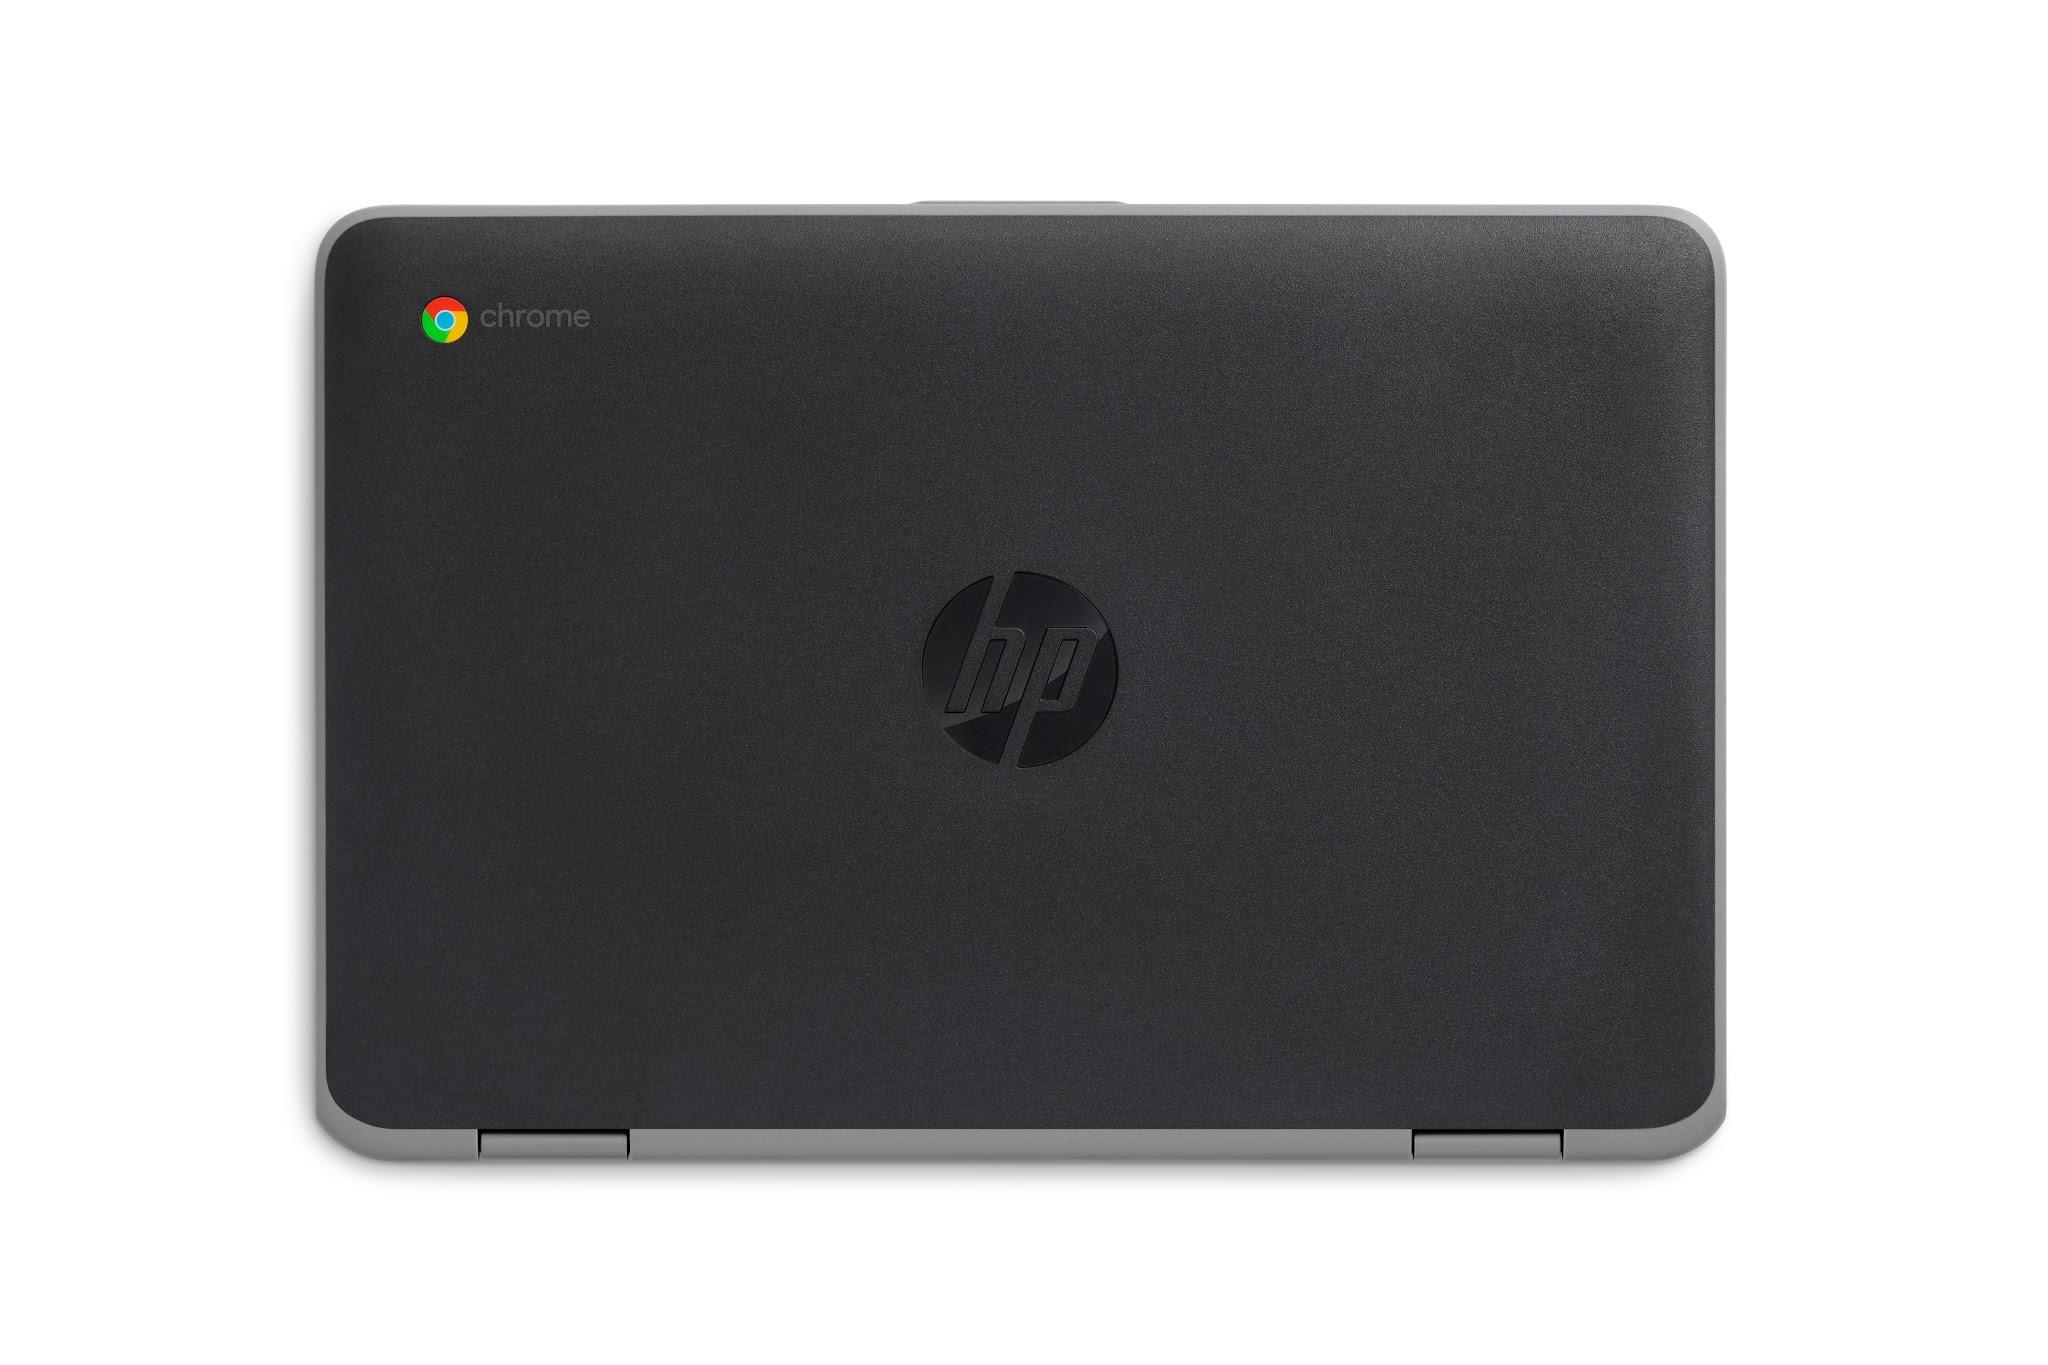 HP Chromebook x360 11 G2 EE - photo 16